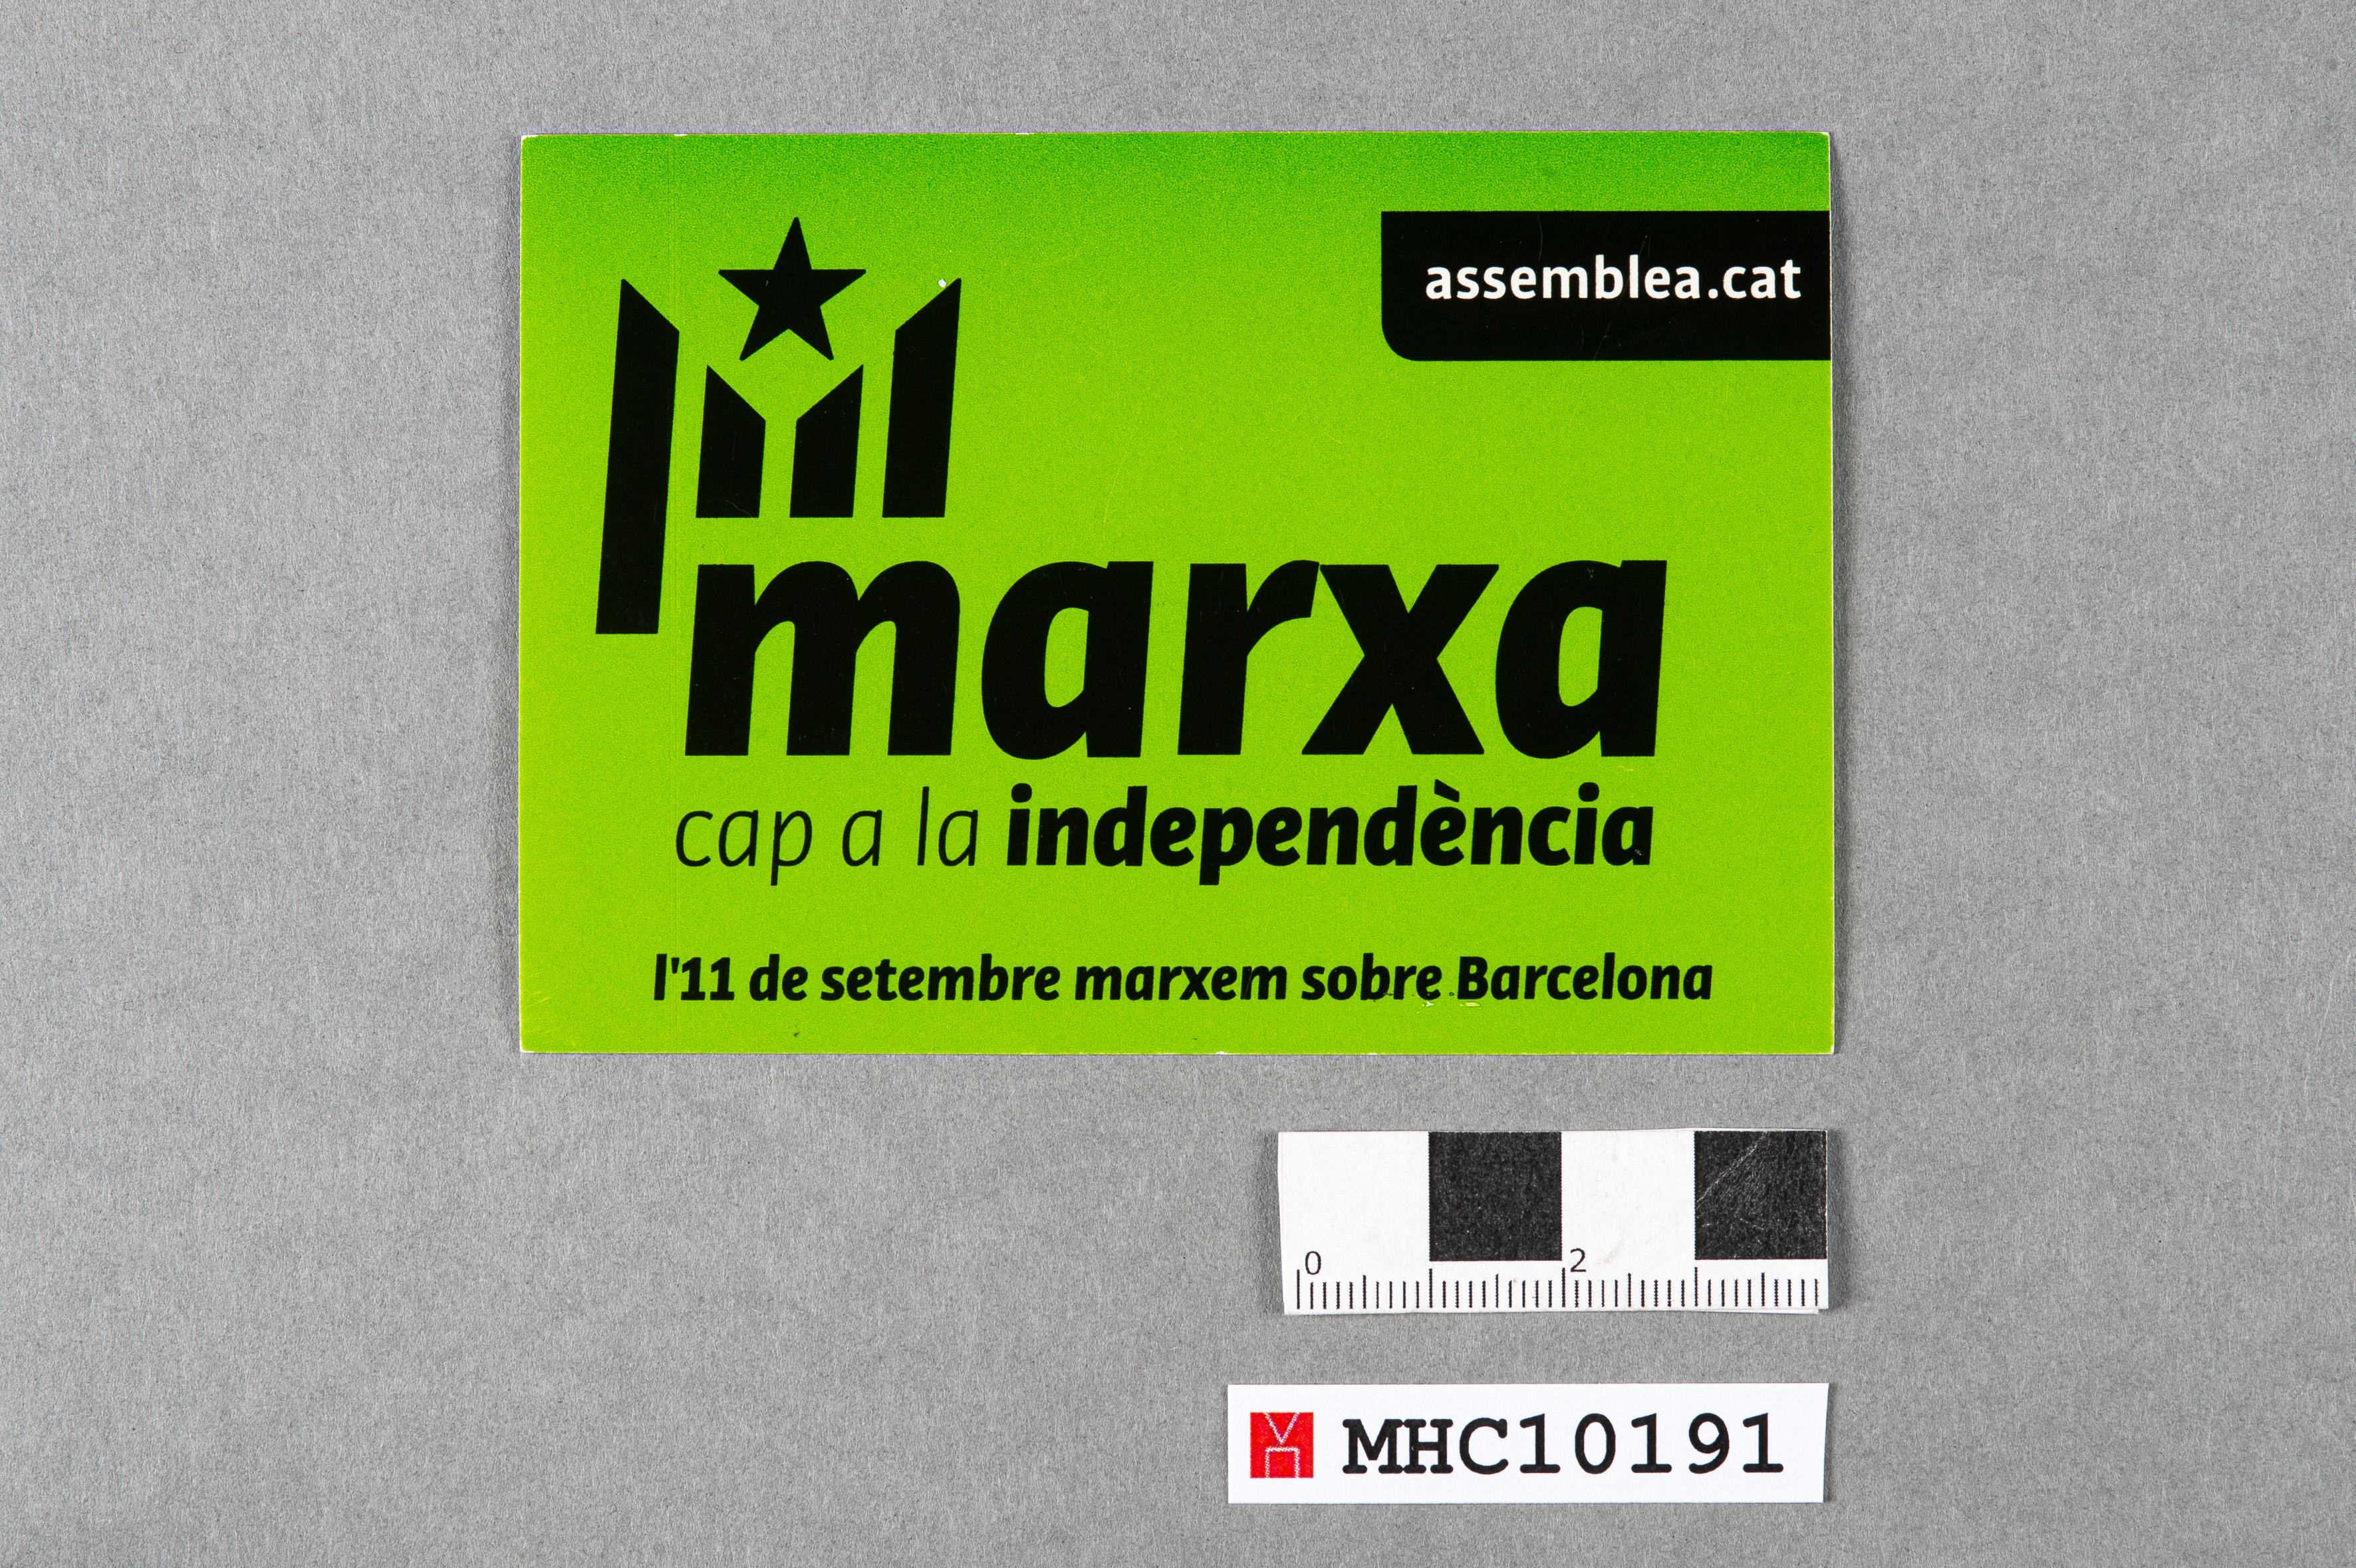 Marxa cap a la independència. L'11 de setembre marxem sobre Barcelona